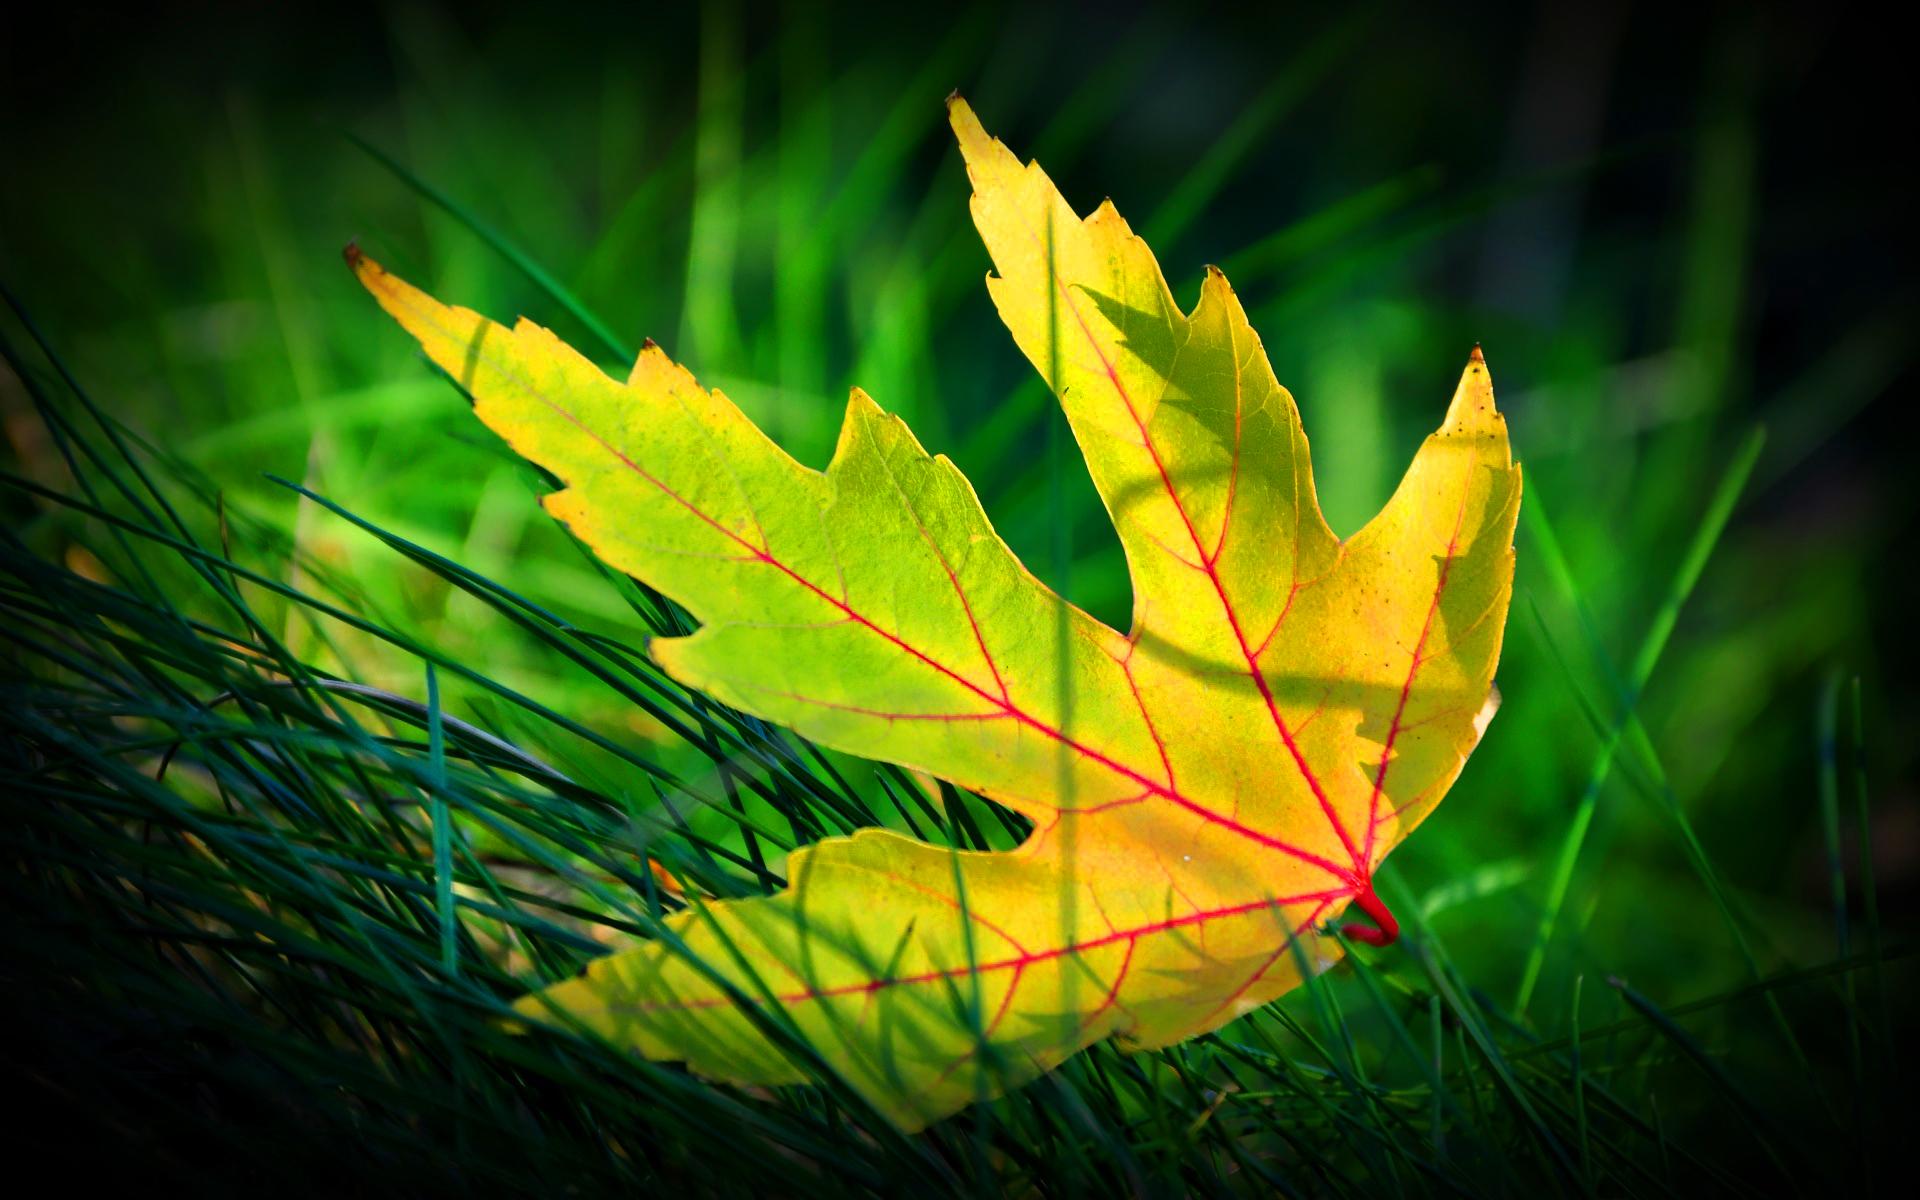 Fall Leaves Desktop Wallpaper Free Green Leaf Beautiful Hd Desktop Wallpapers 4k Hd